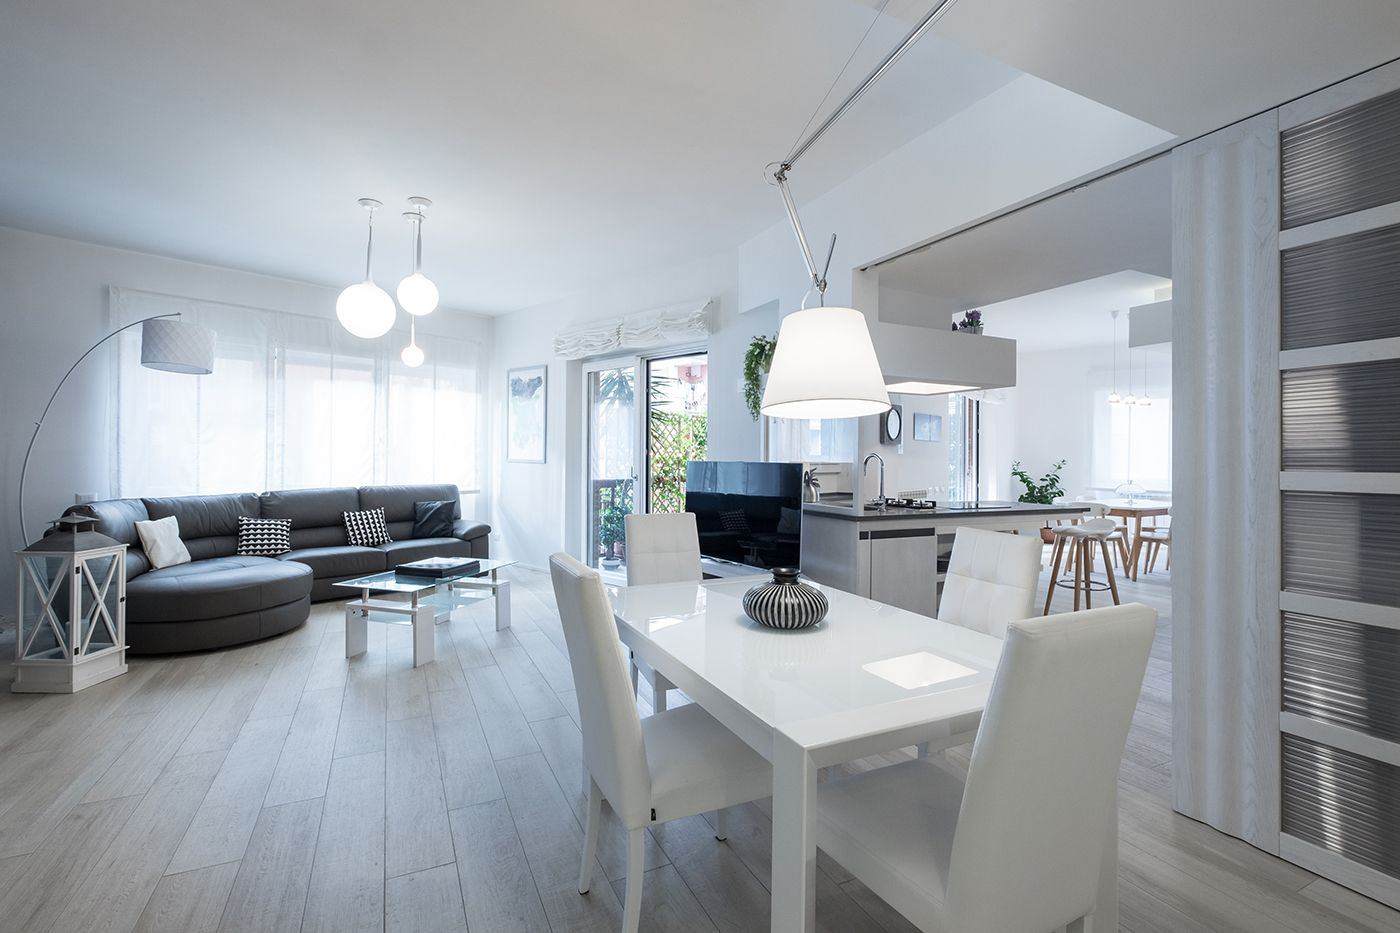 Appartamento con terrazza (con immagini) Appartamento